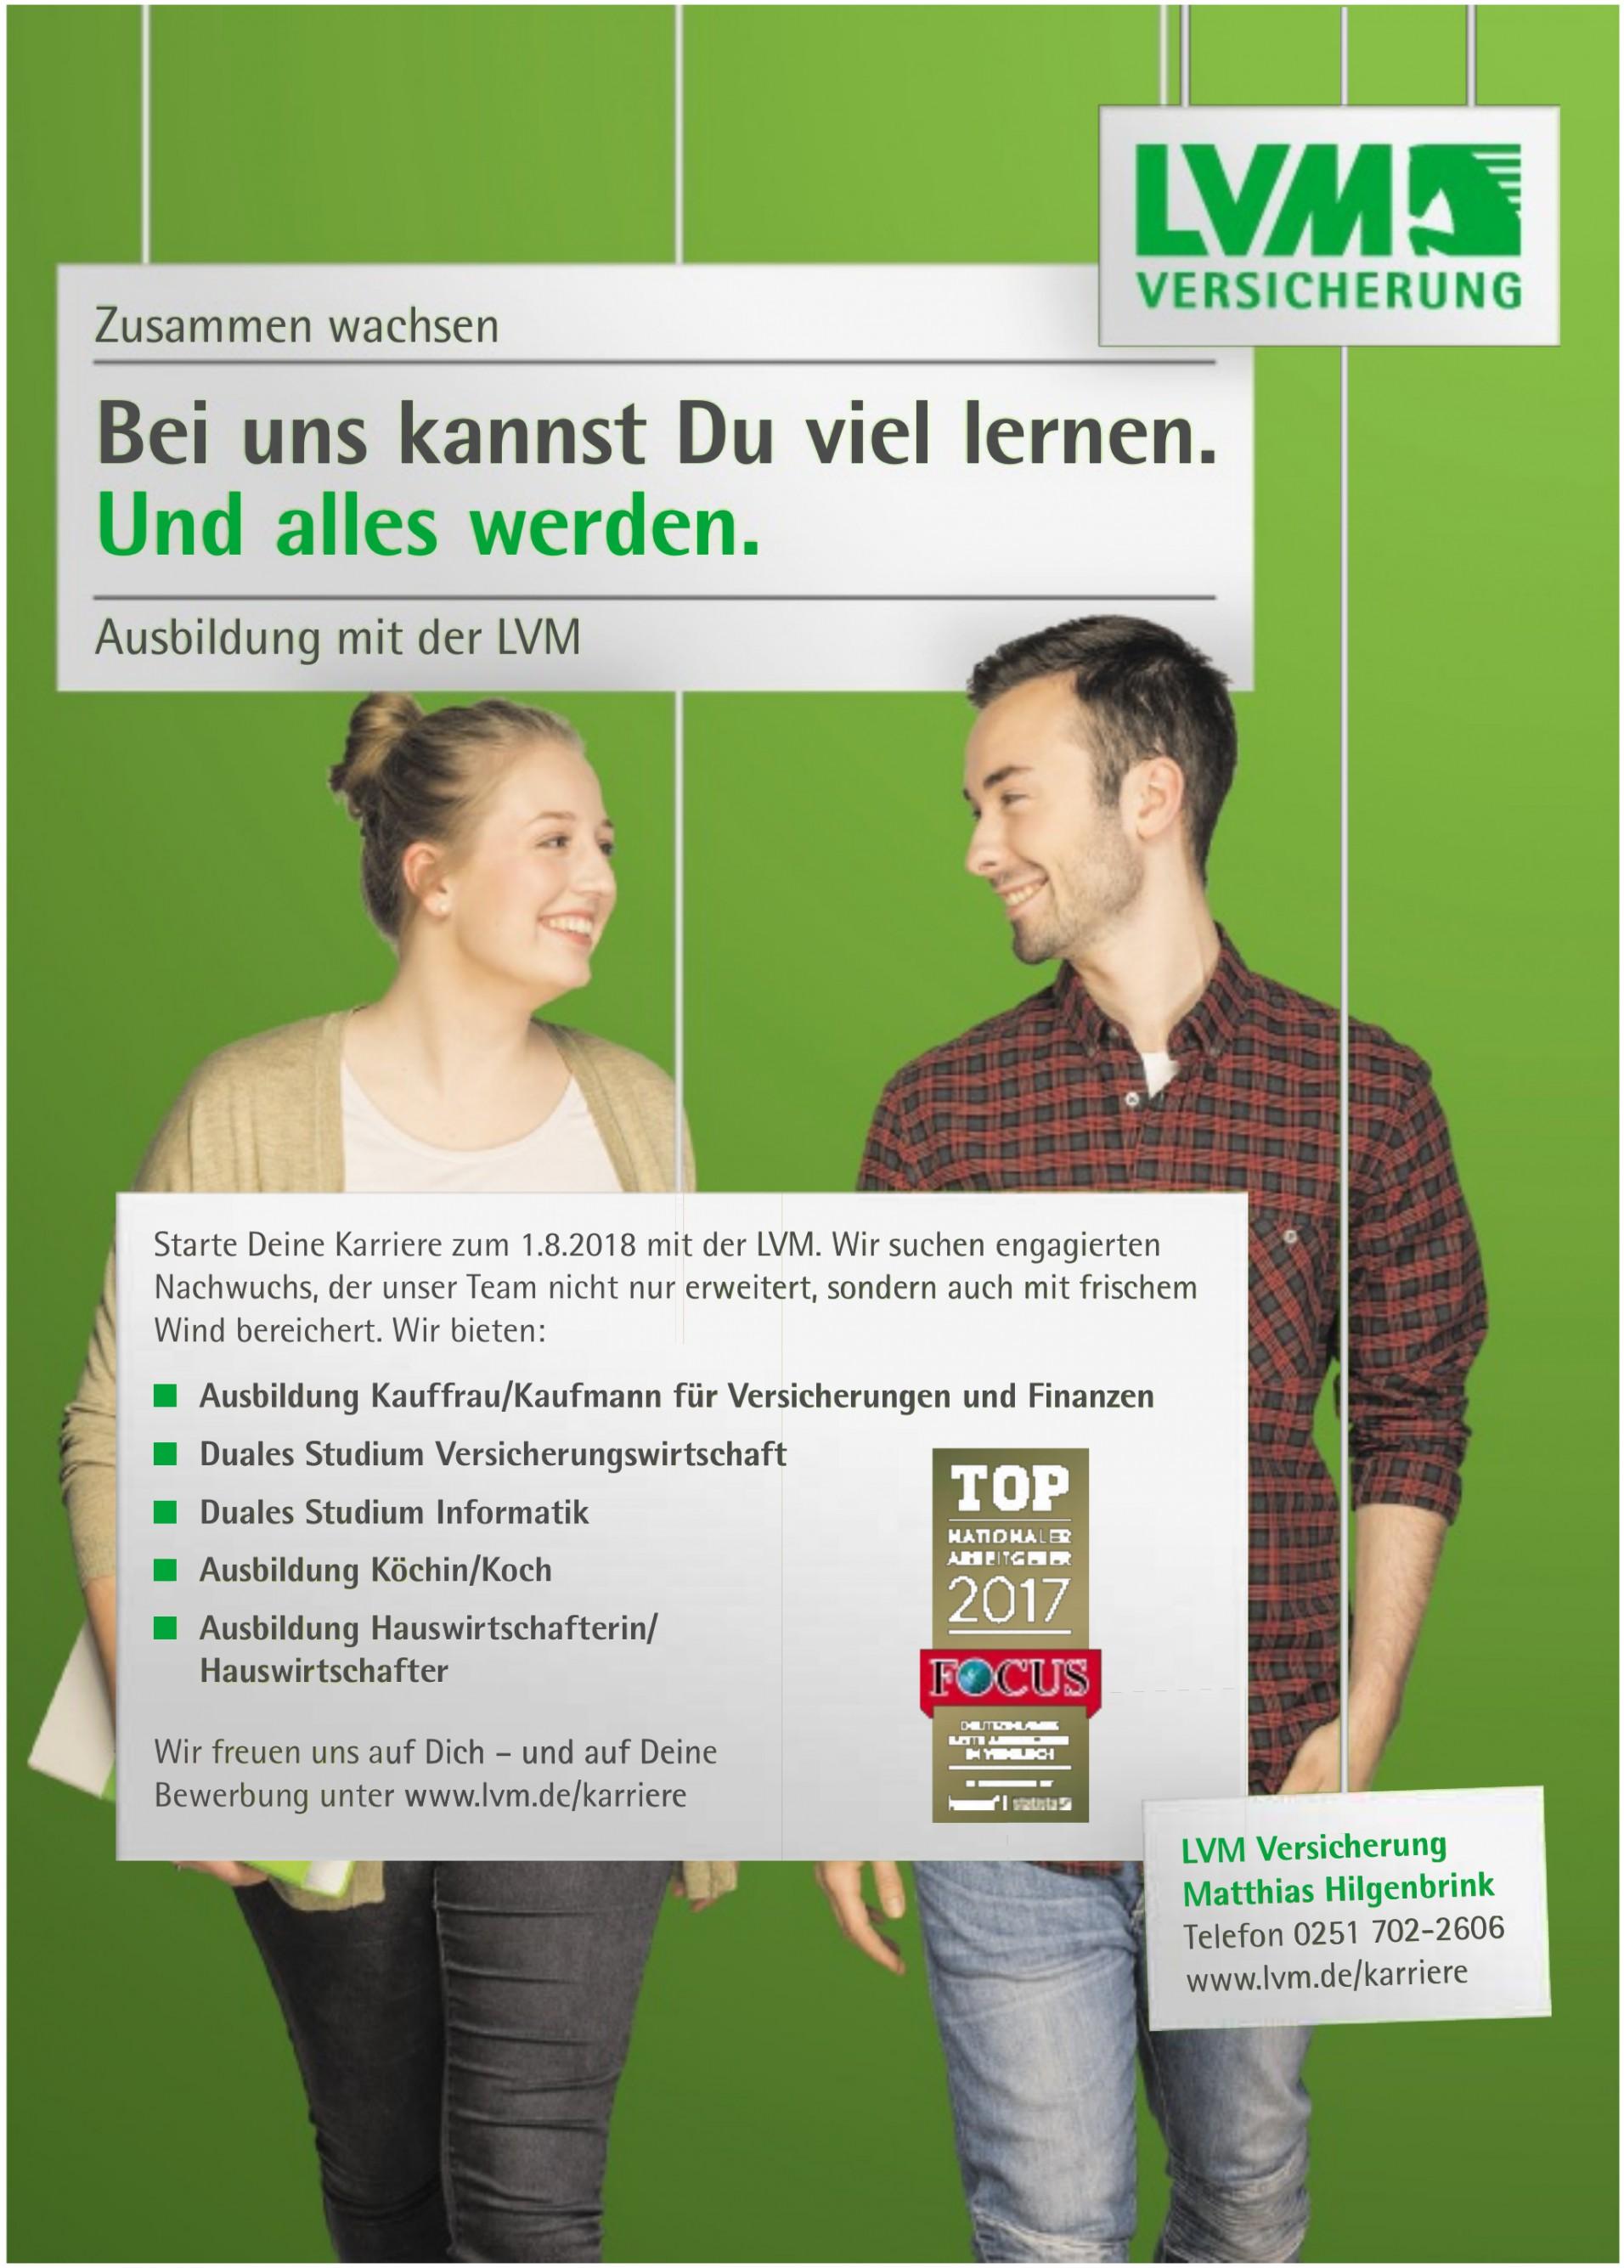 LVM Versicherung - Matthias Hilgenbrink